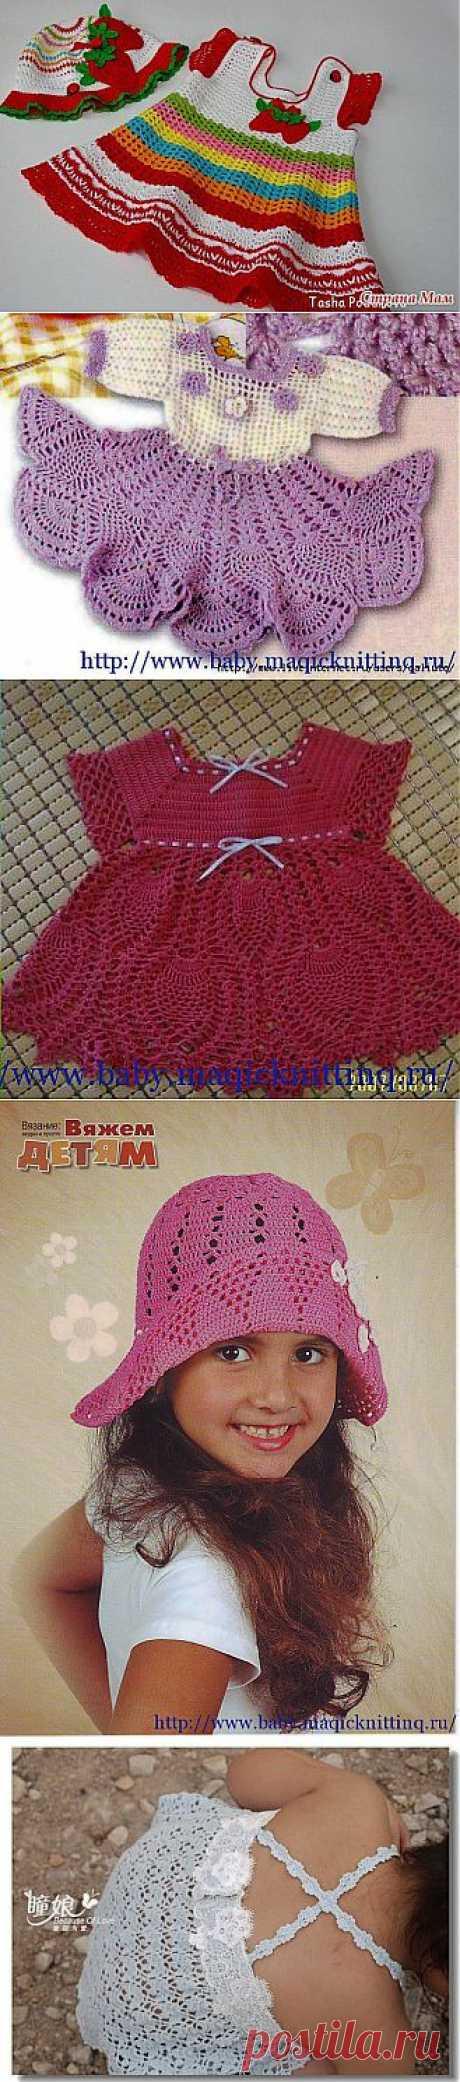 Вязание для девочек. Сарафаны..